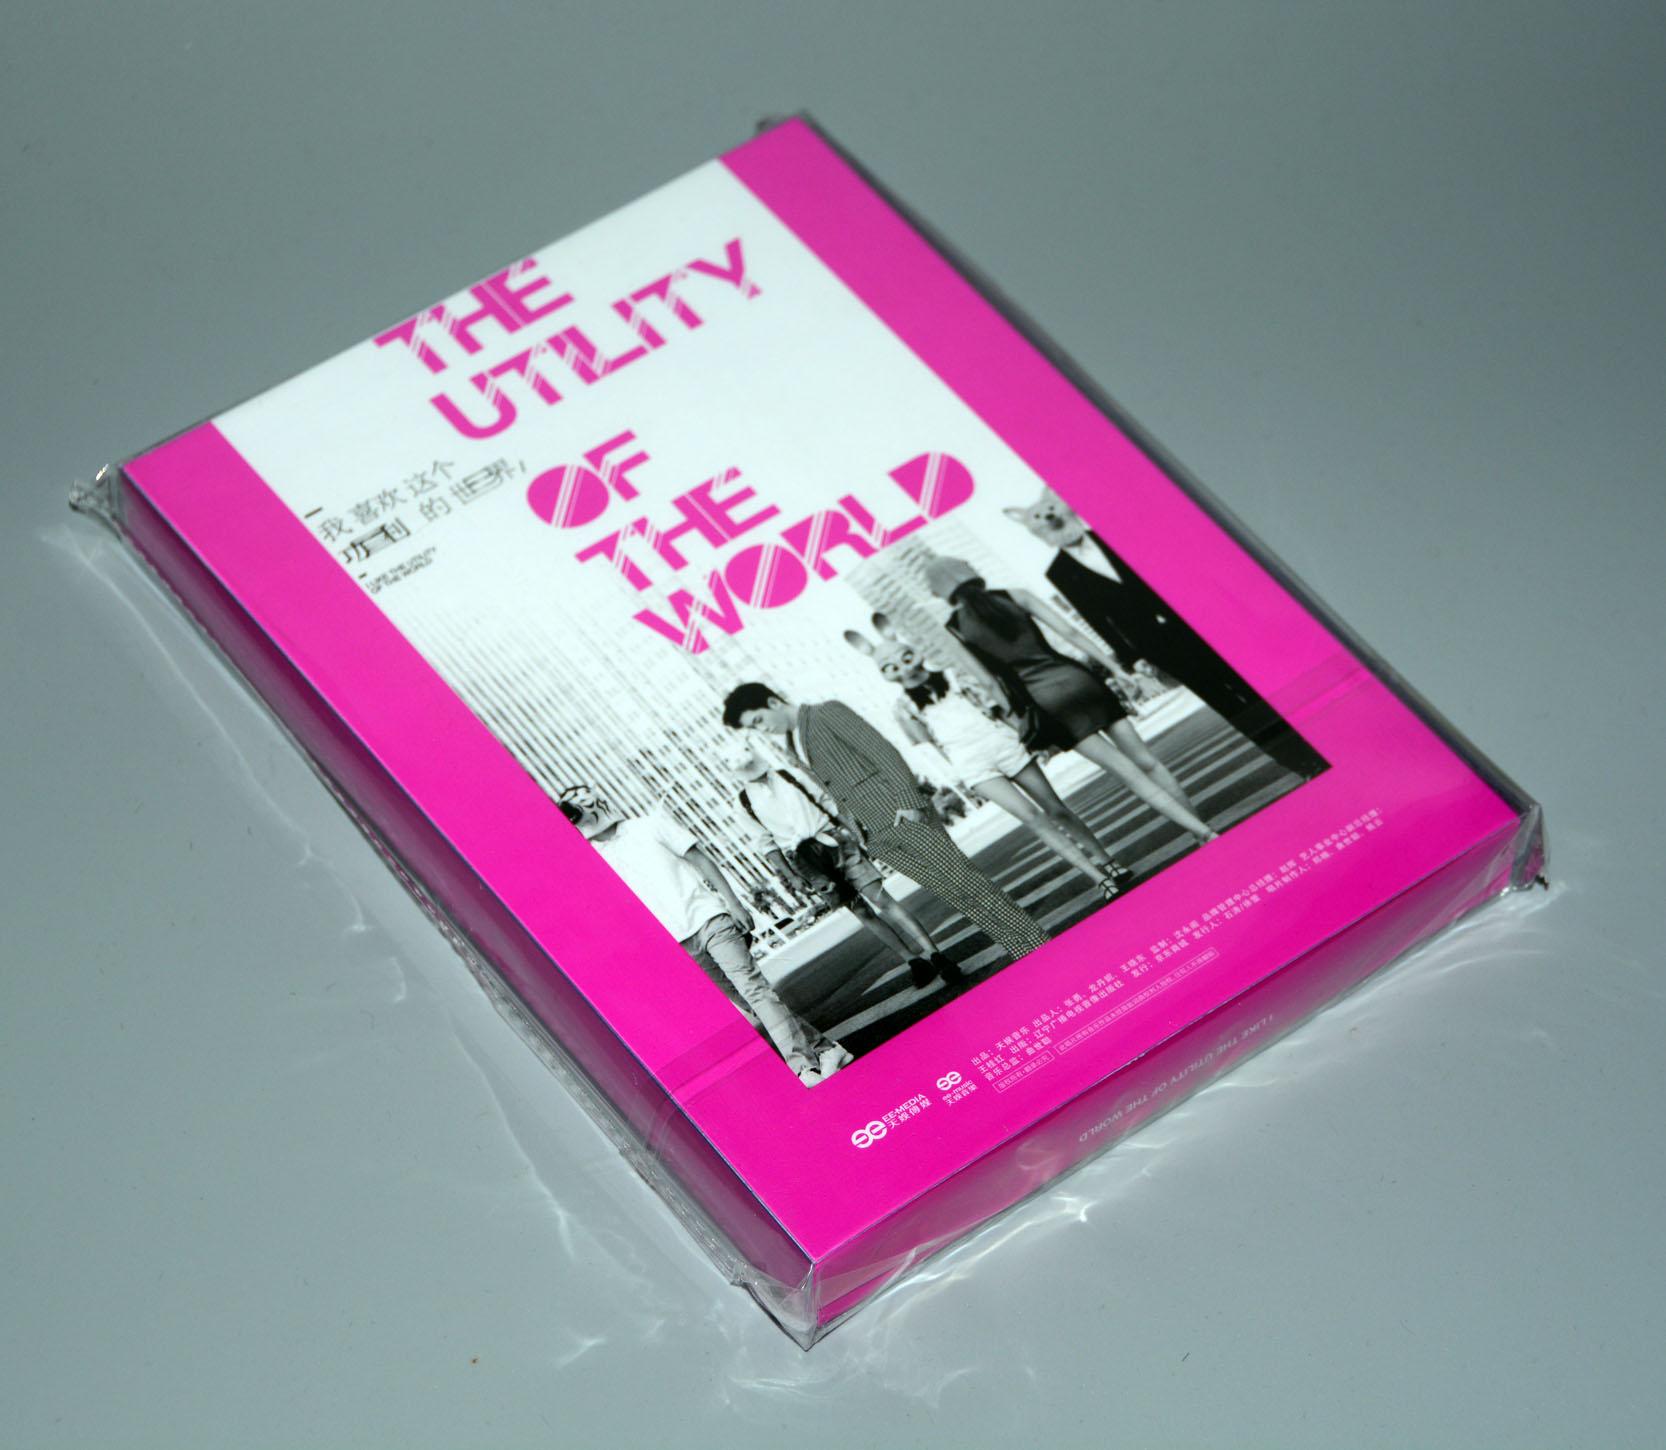 正版武艺 我喜欢这个功利的世界 1CD 歌词写真集8张卡片1张海报